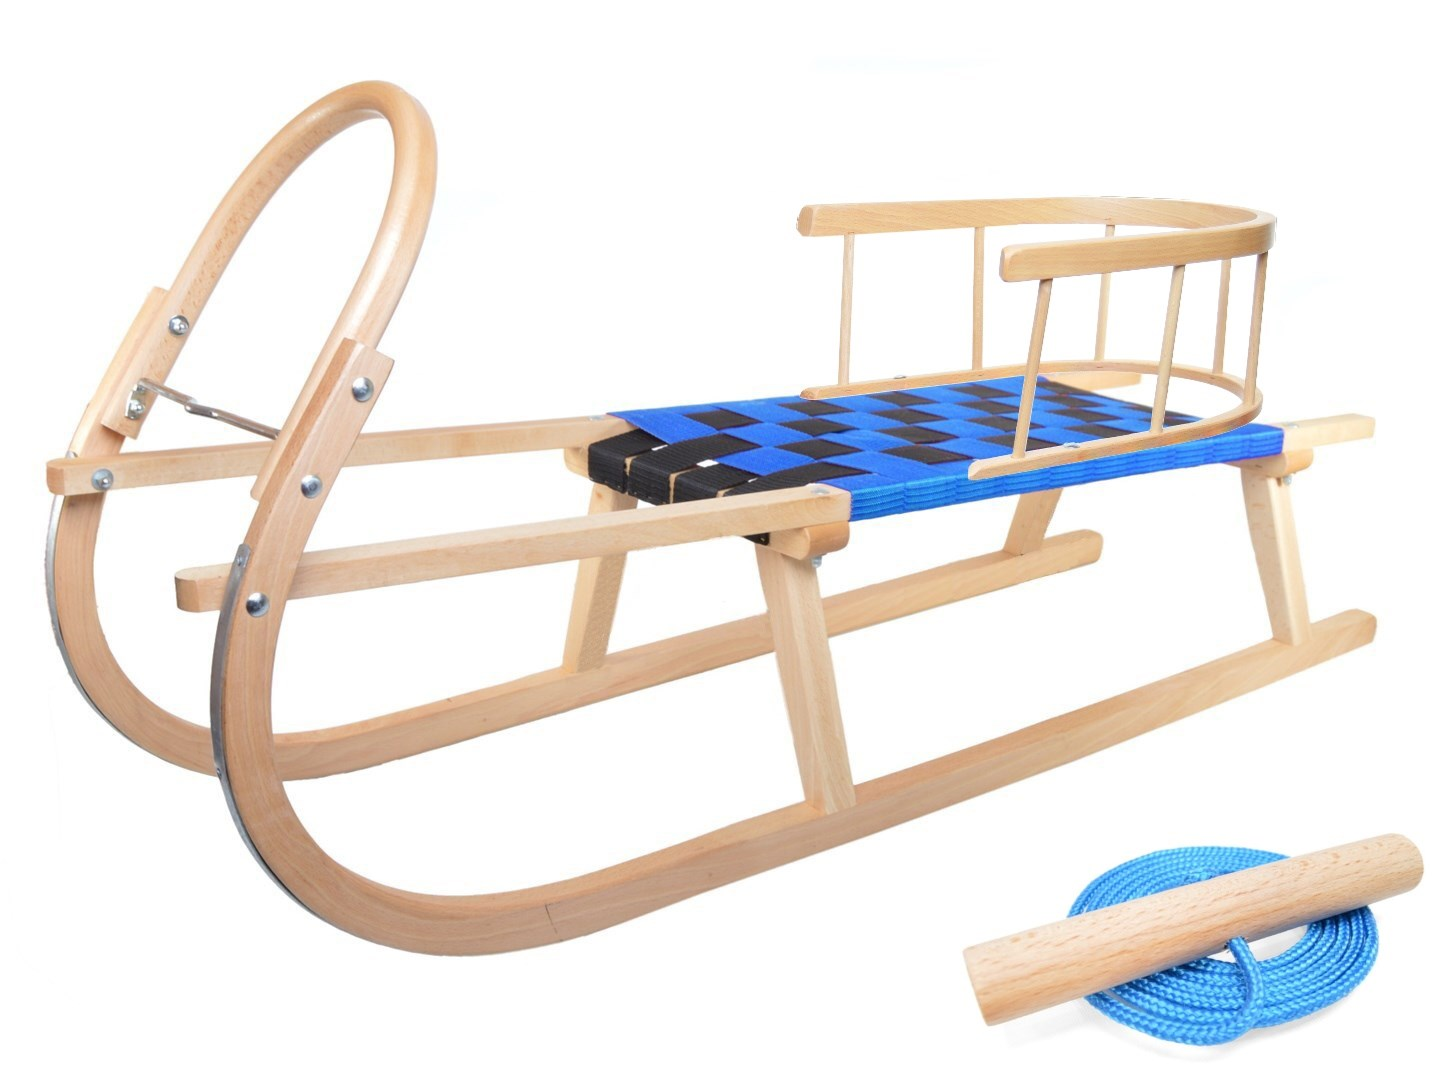 Dřevěné sportovní dětské sáňky s modrým průpletem a ohrádkou